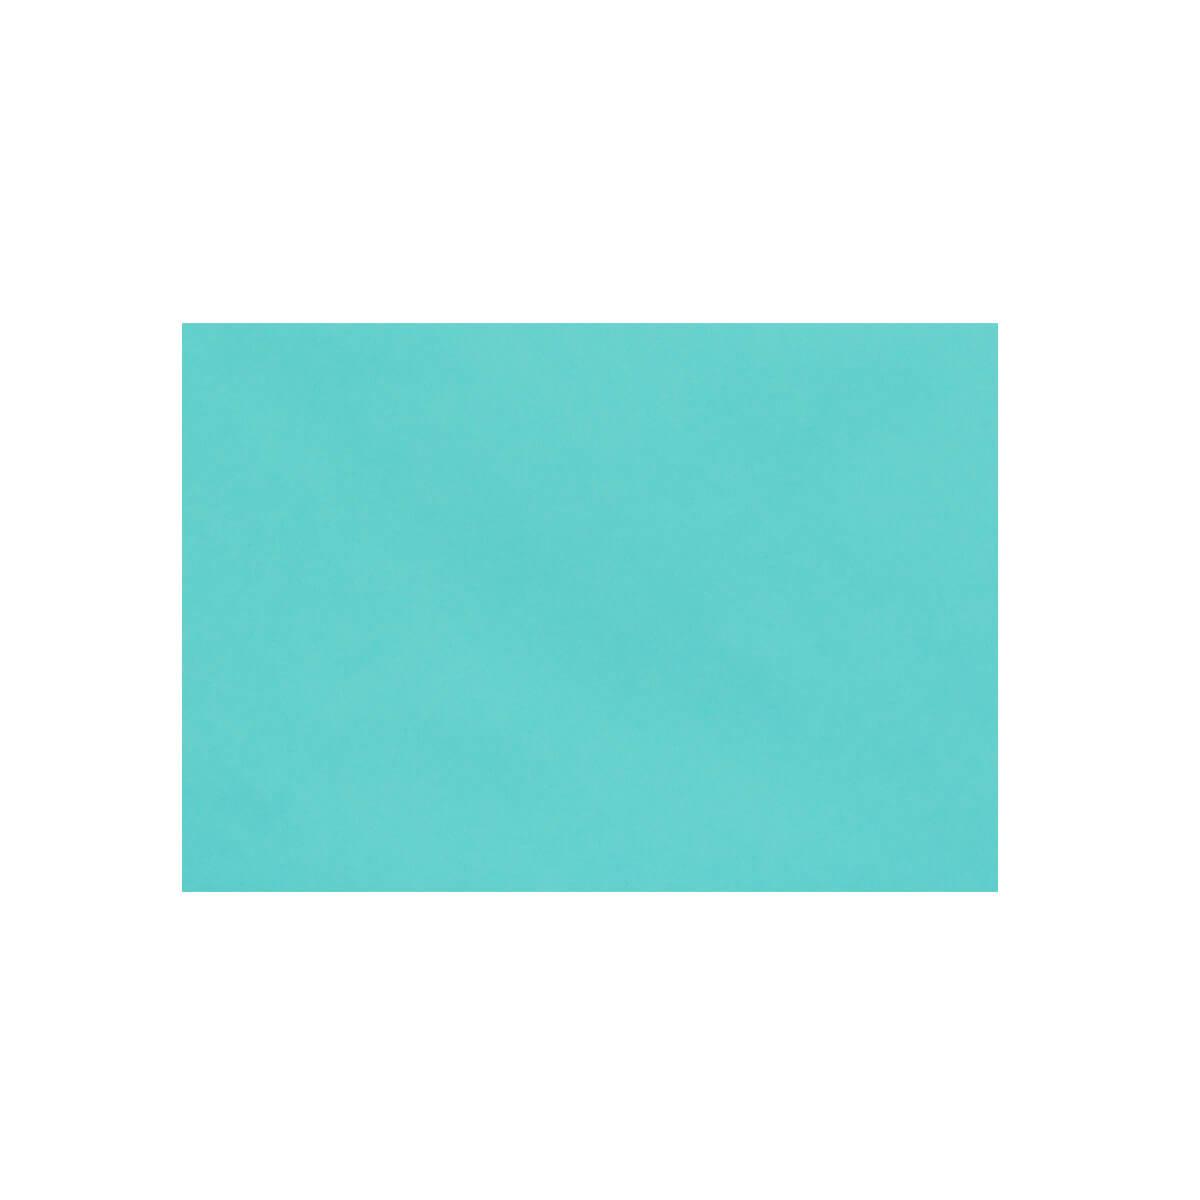 C6 ROBIN EGG BLUE ENVELOPES 120GSM